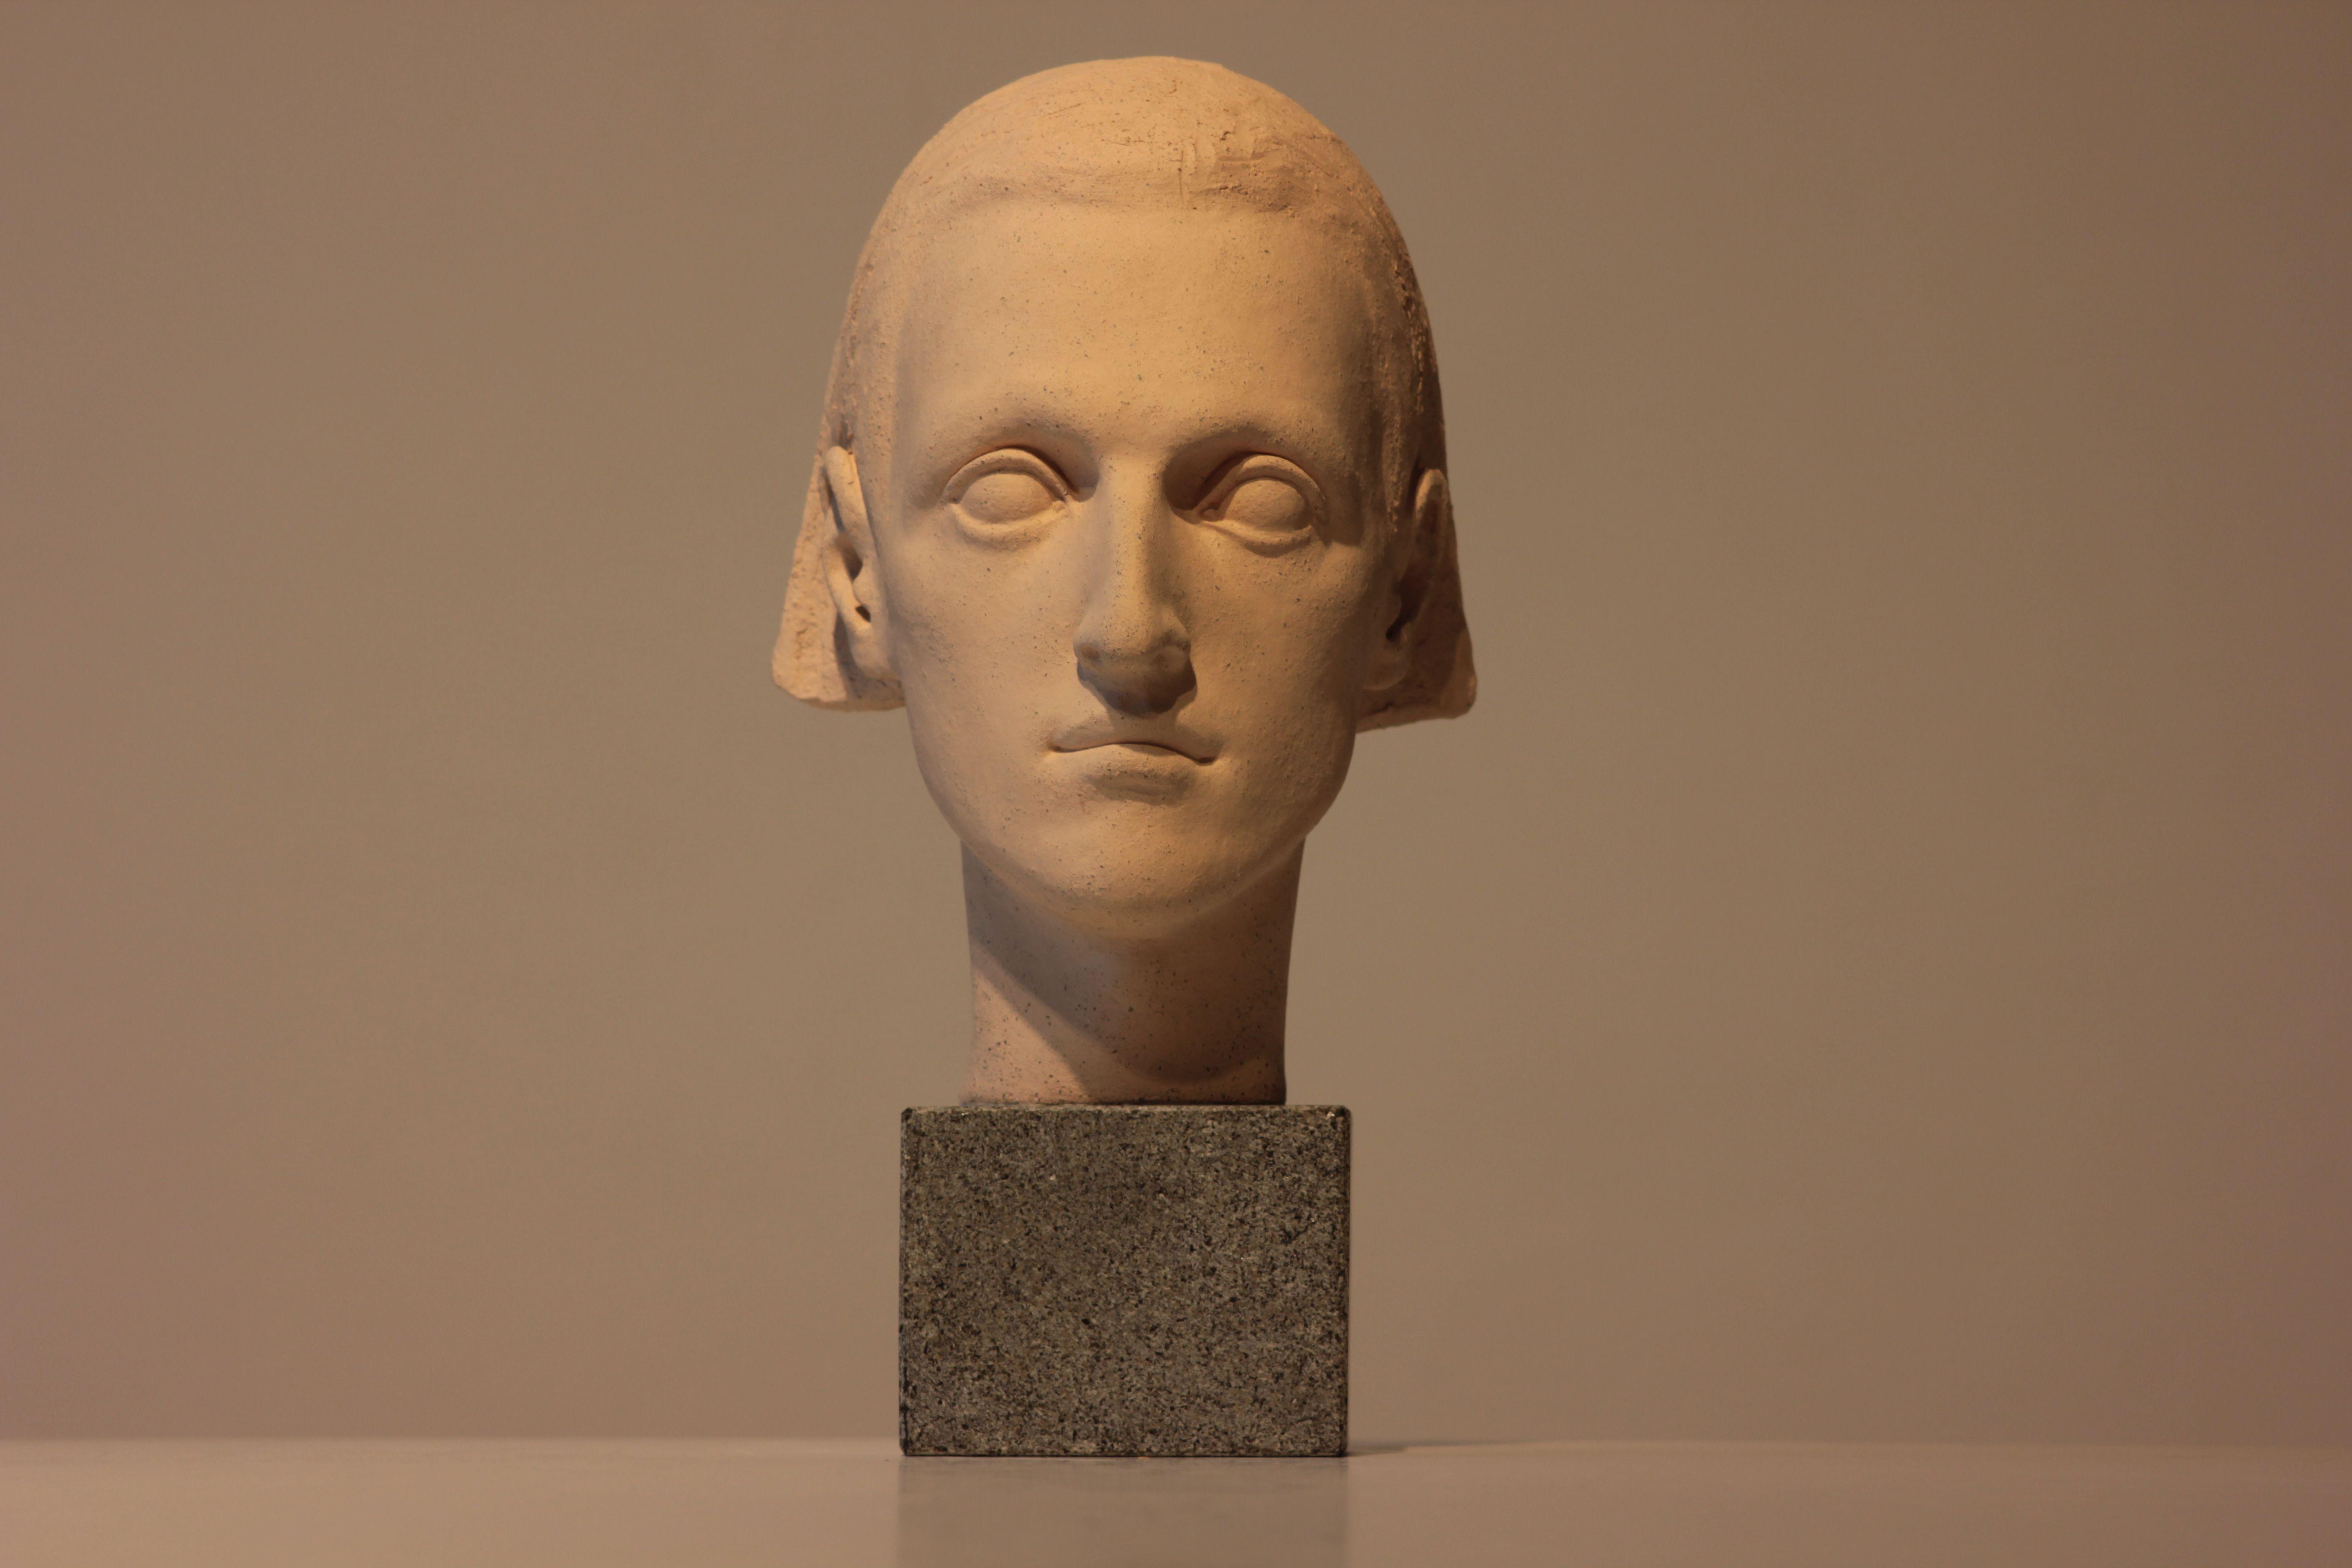 Денис Шиманський. БУМ, 2015; кераміка (шамот), граніт